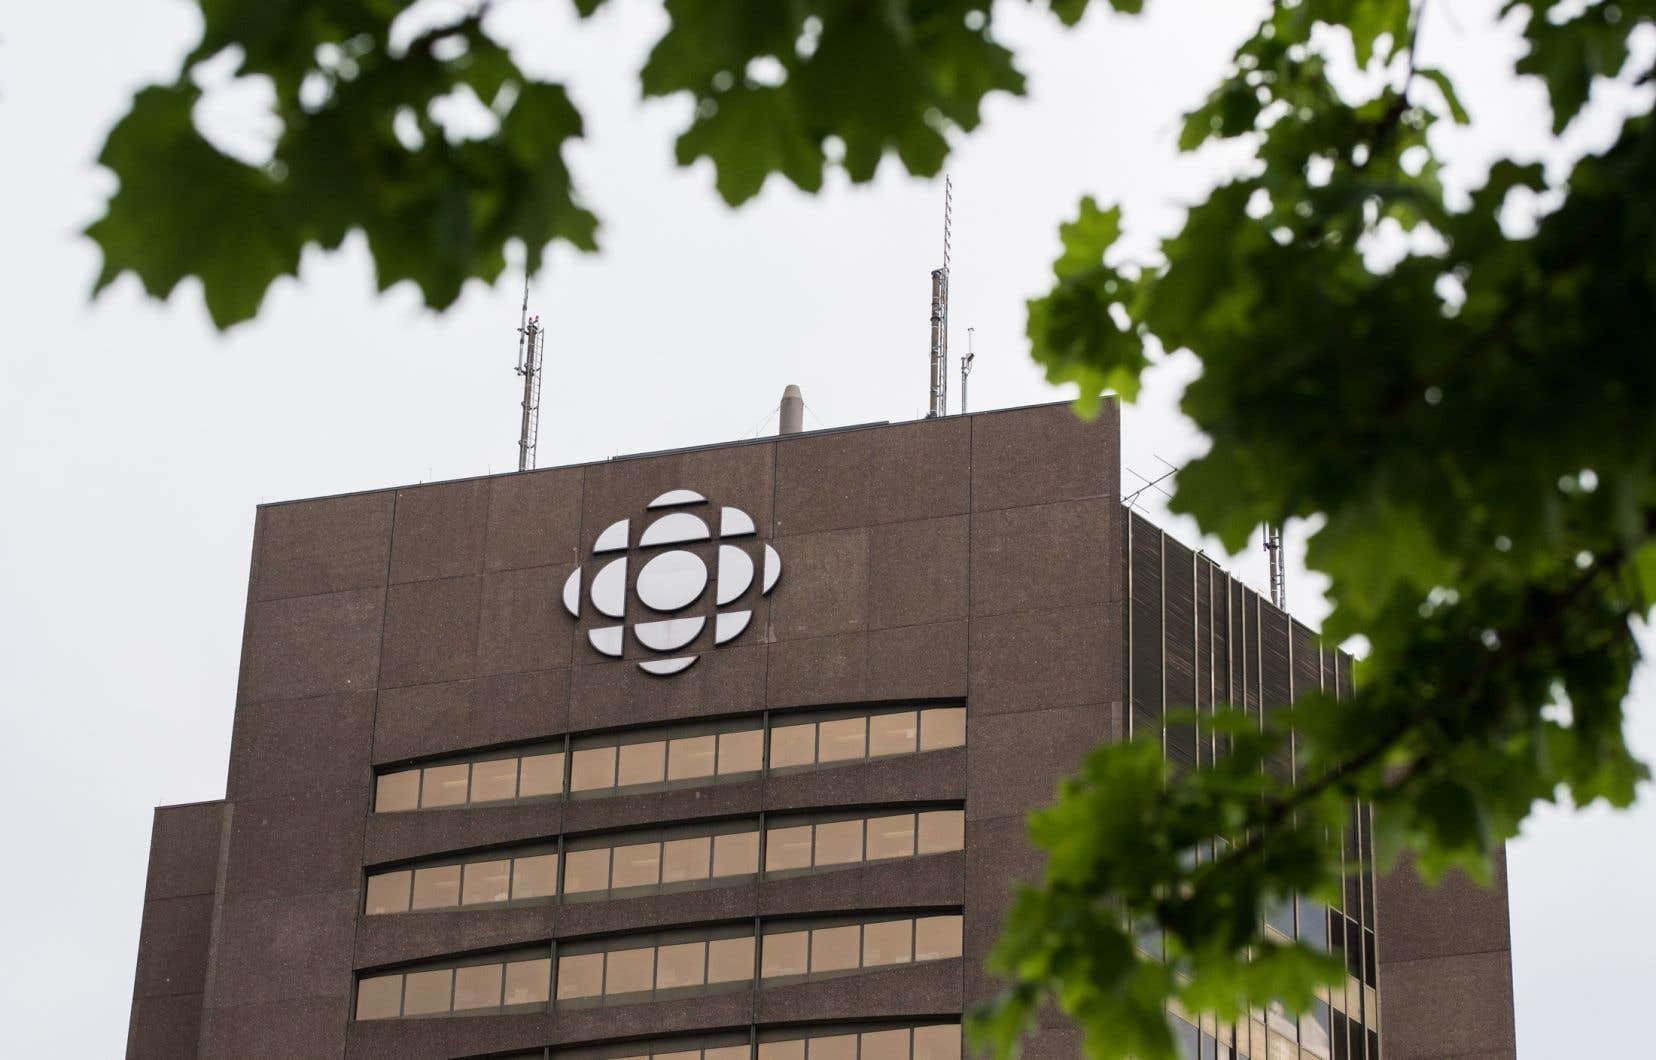 Le reportage de Radio-Canada a créé une certaine controverse, plusieurs voix du public et des médias se questionnant sur l'intérêt de la diffusion et sur l'équilibre du topo.